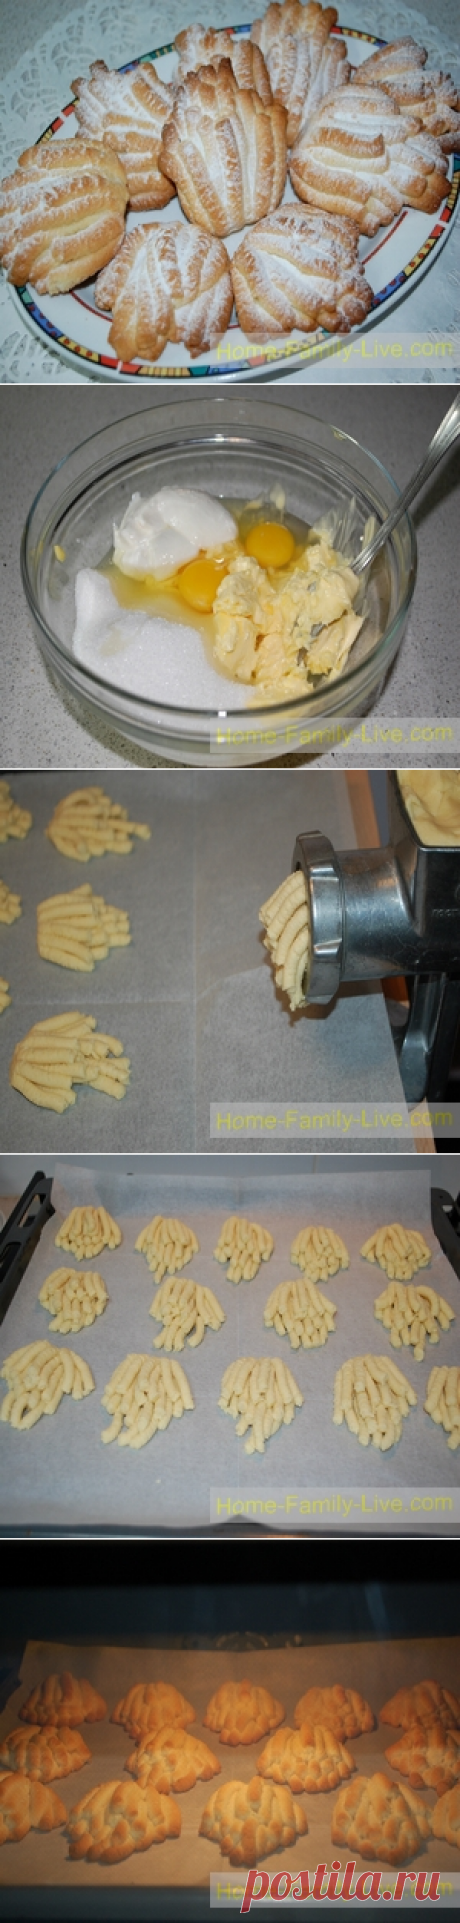 Печенье Хризантема/Сайт с пошаговыми рецептами с фото для тех кто любит готовить